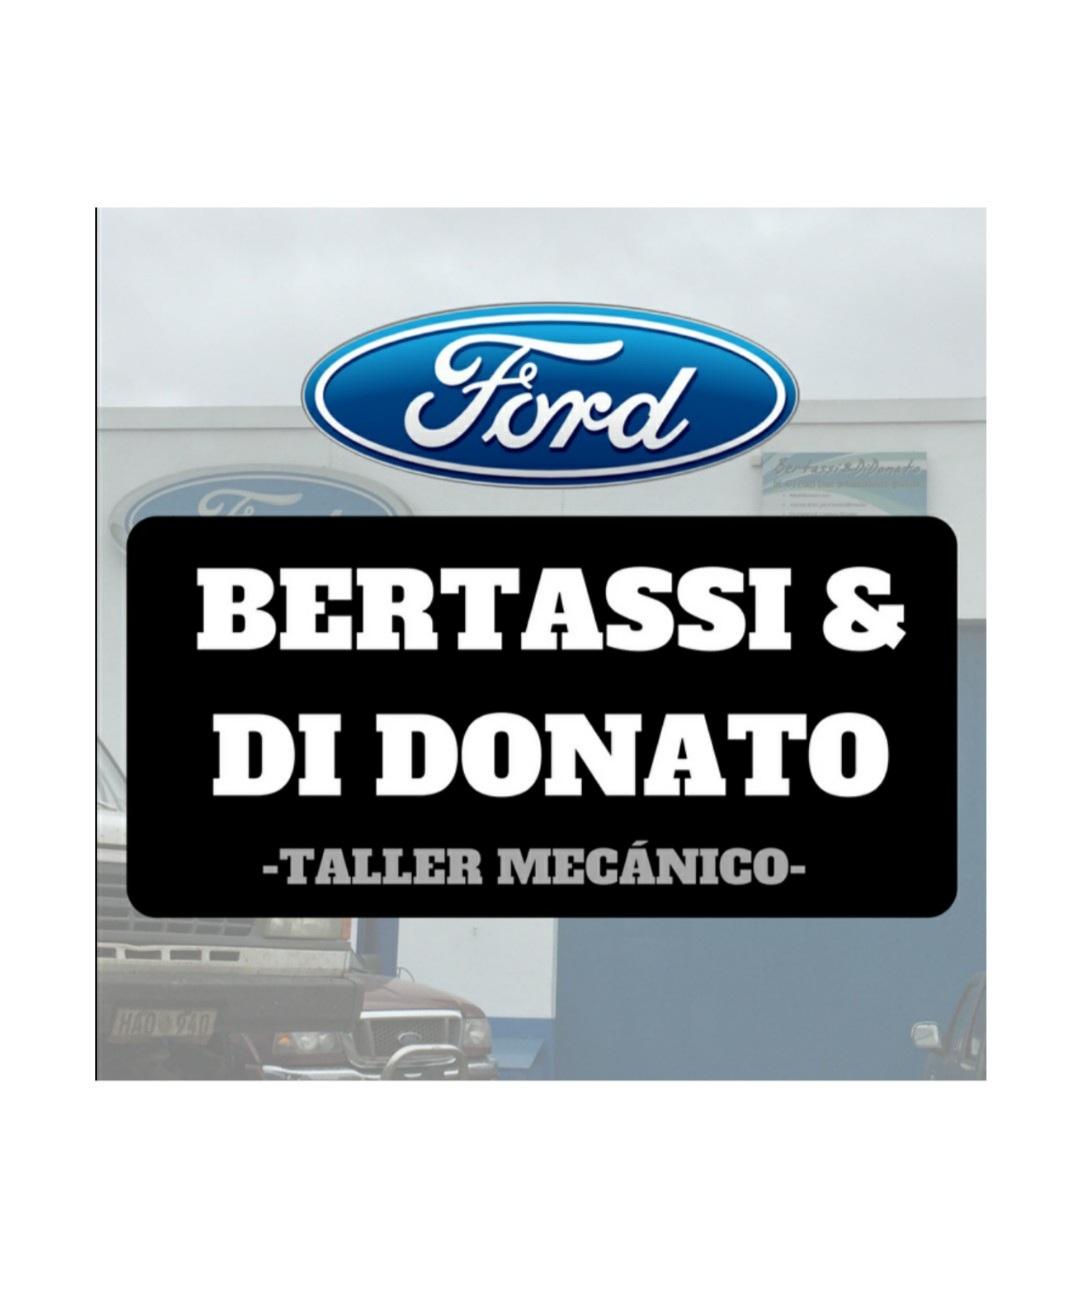 Bertassi & Di Donato